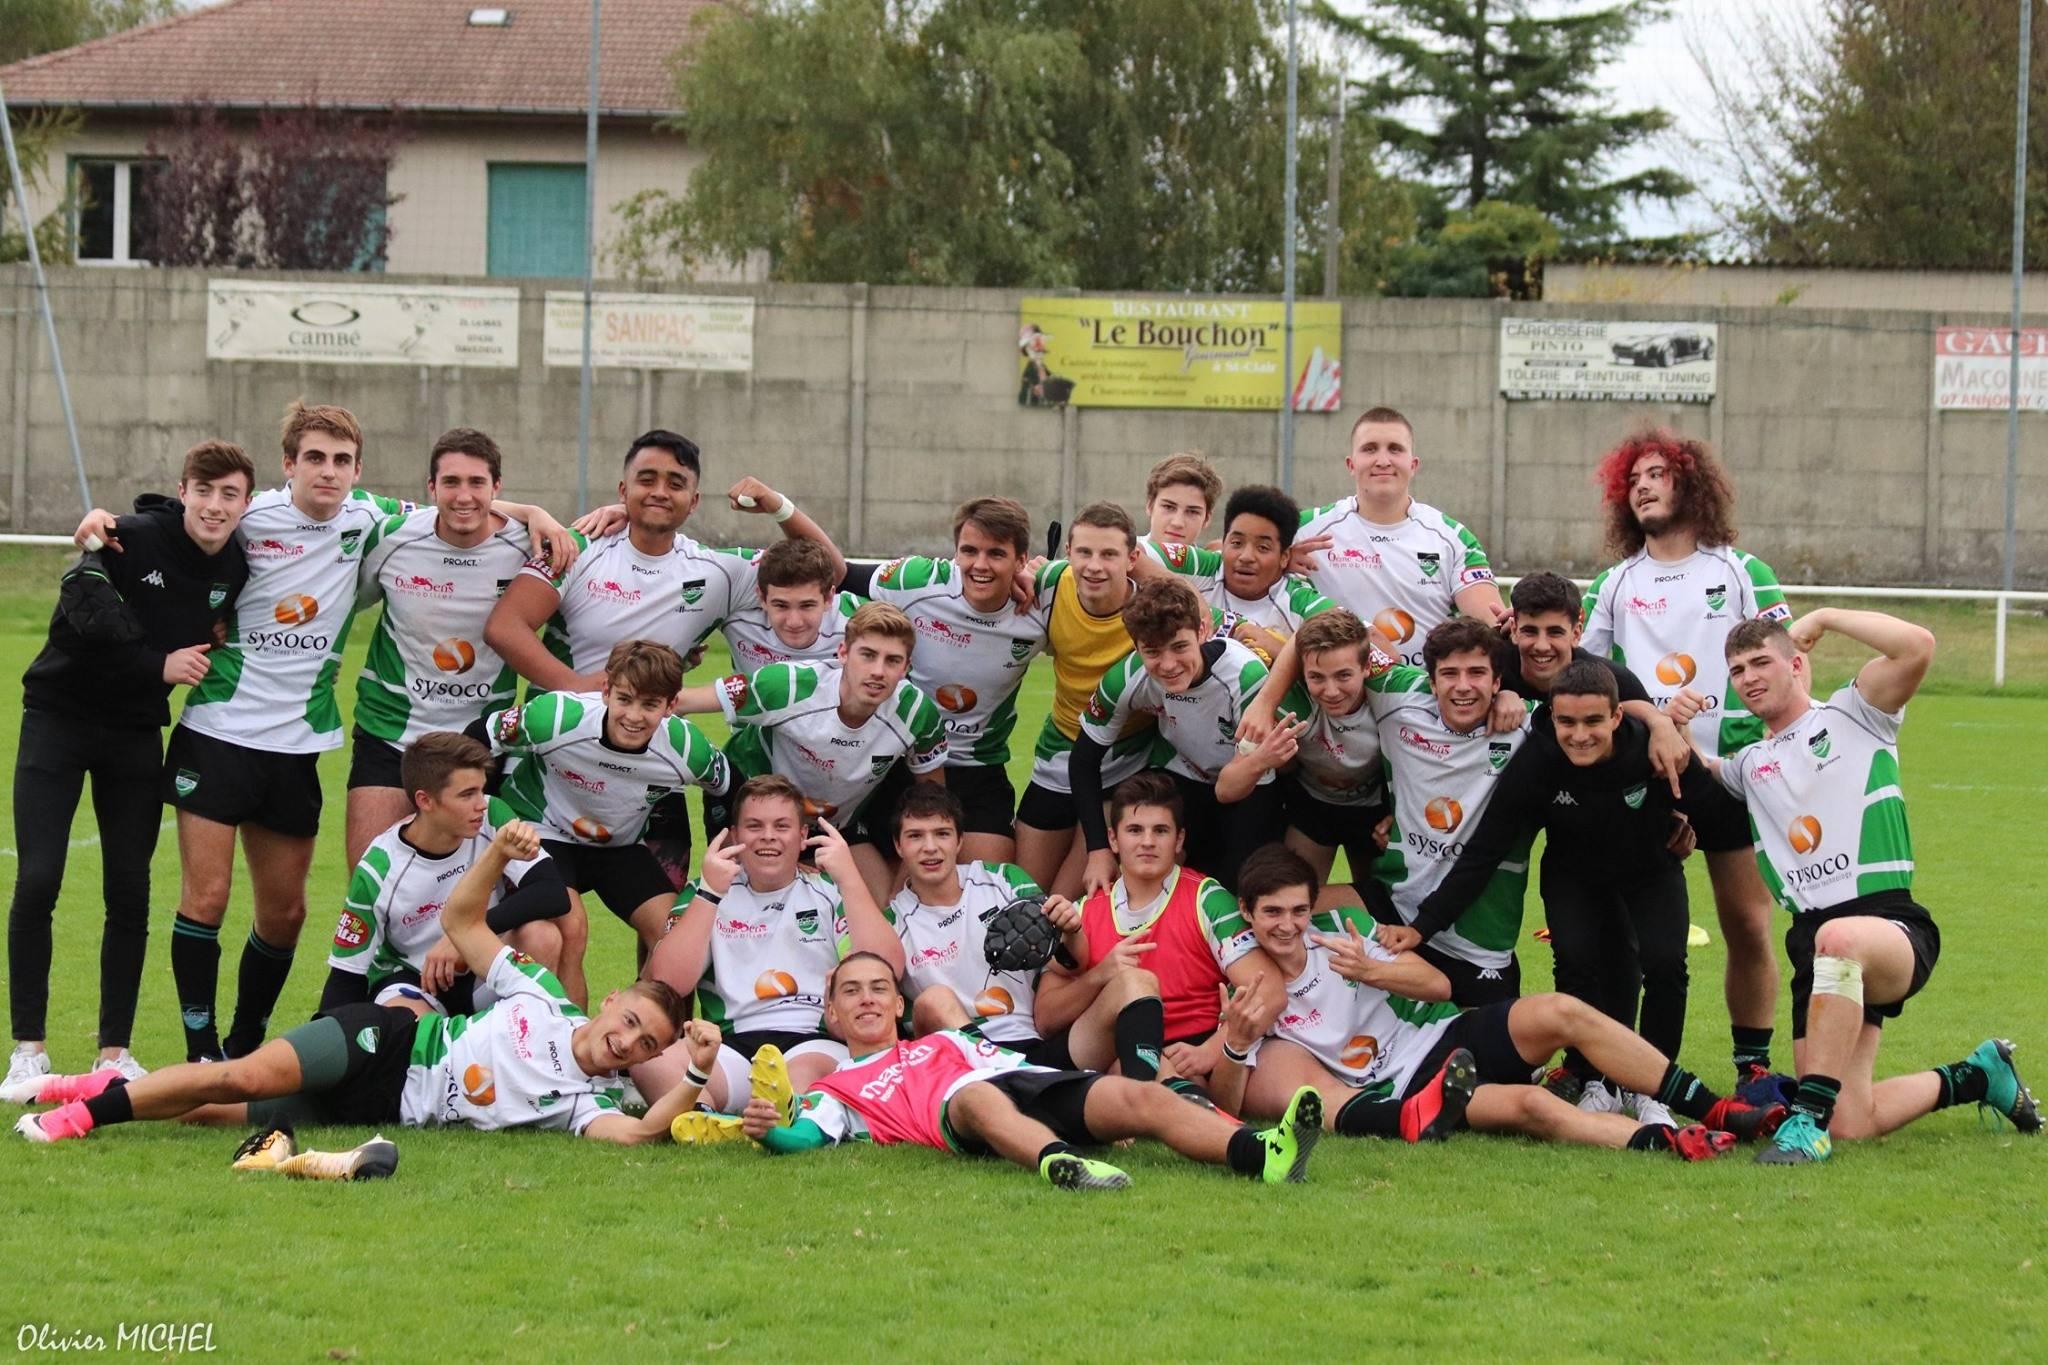 le selfie des cadettes de Levezou Ségala Aveyron pour leur 1er match de la saison et nouvelle équipe.... Le coach Fred vole